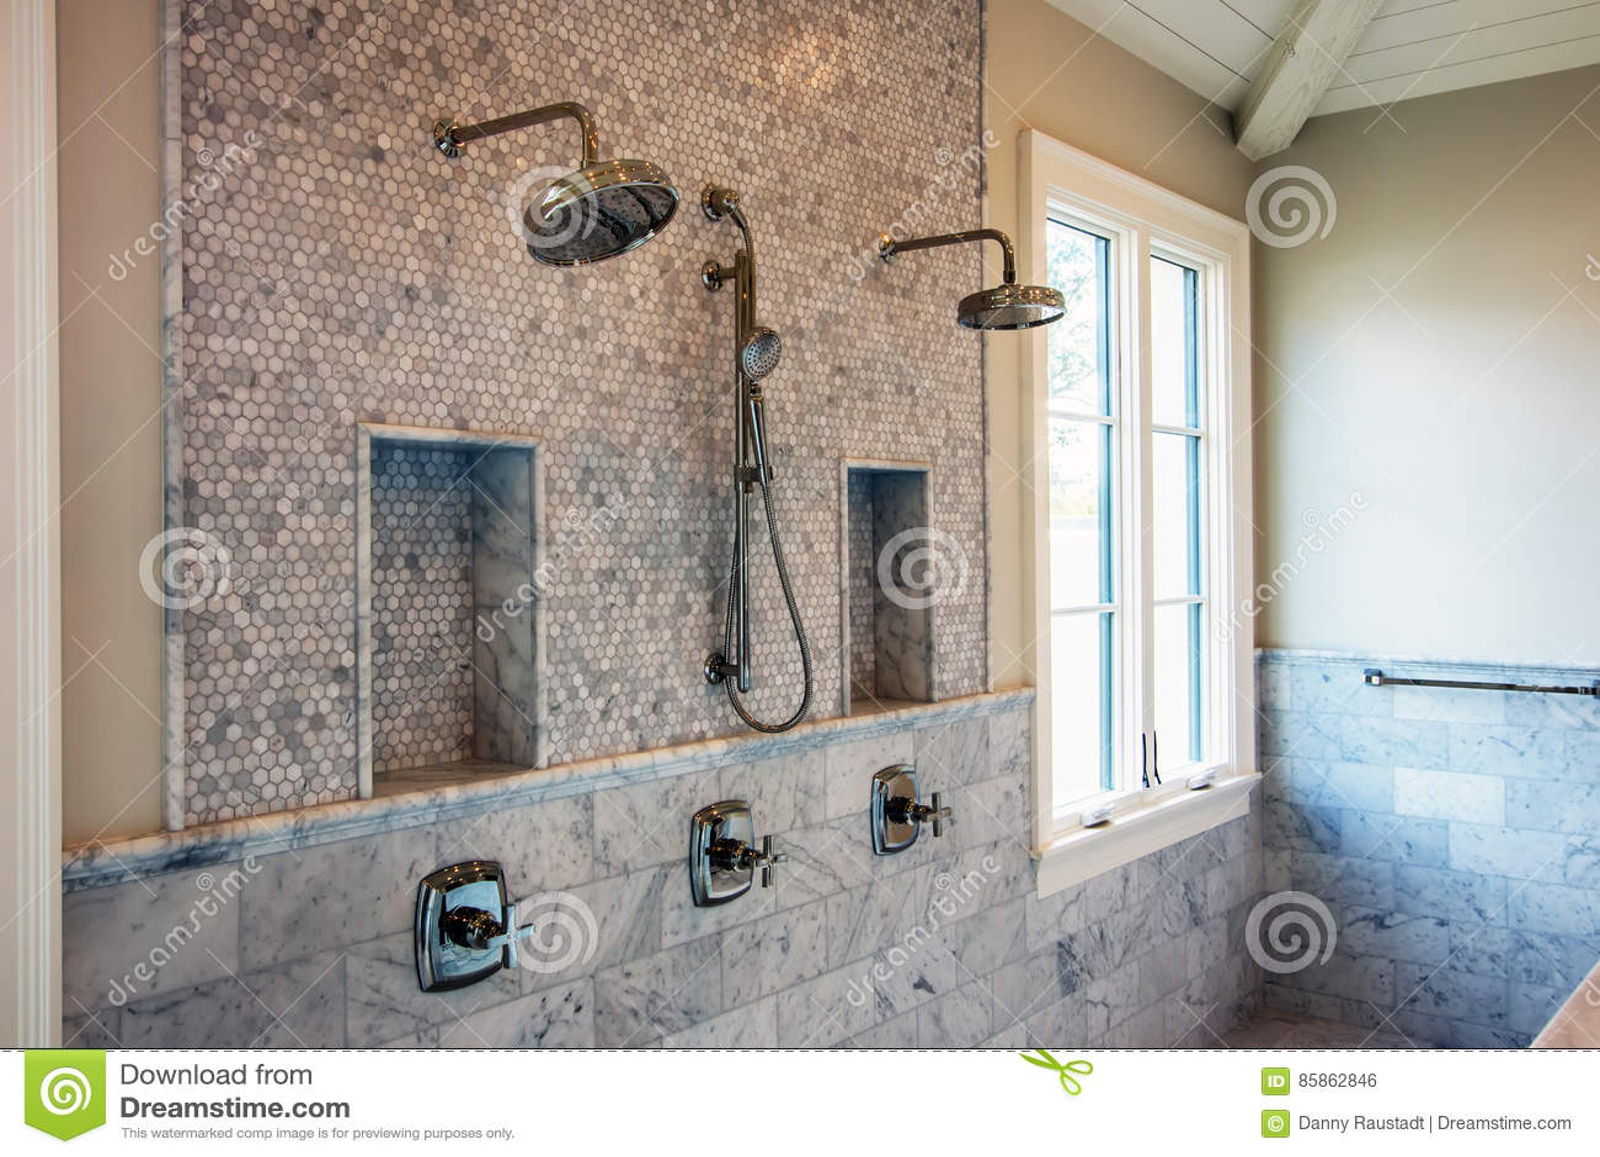 Duchas Interiores Caseras Modernas Del Cuarto De Baño Foto de ...